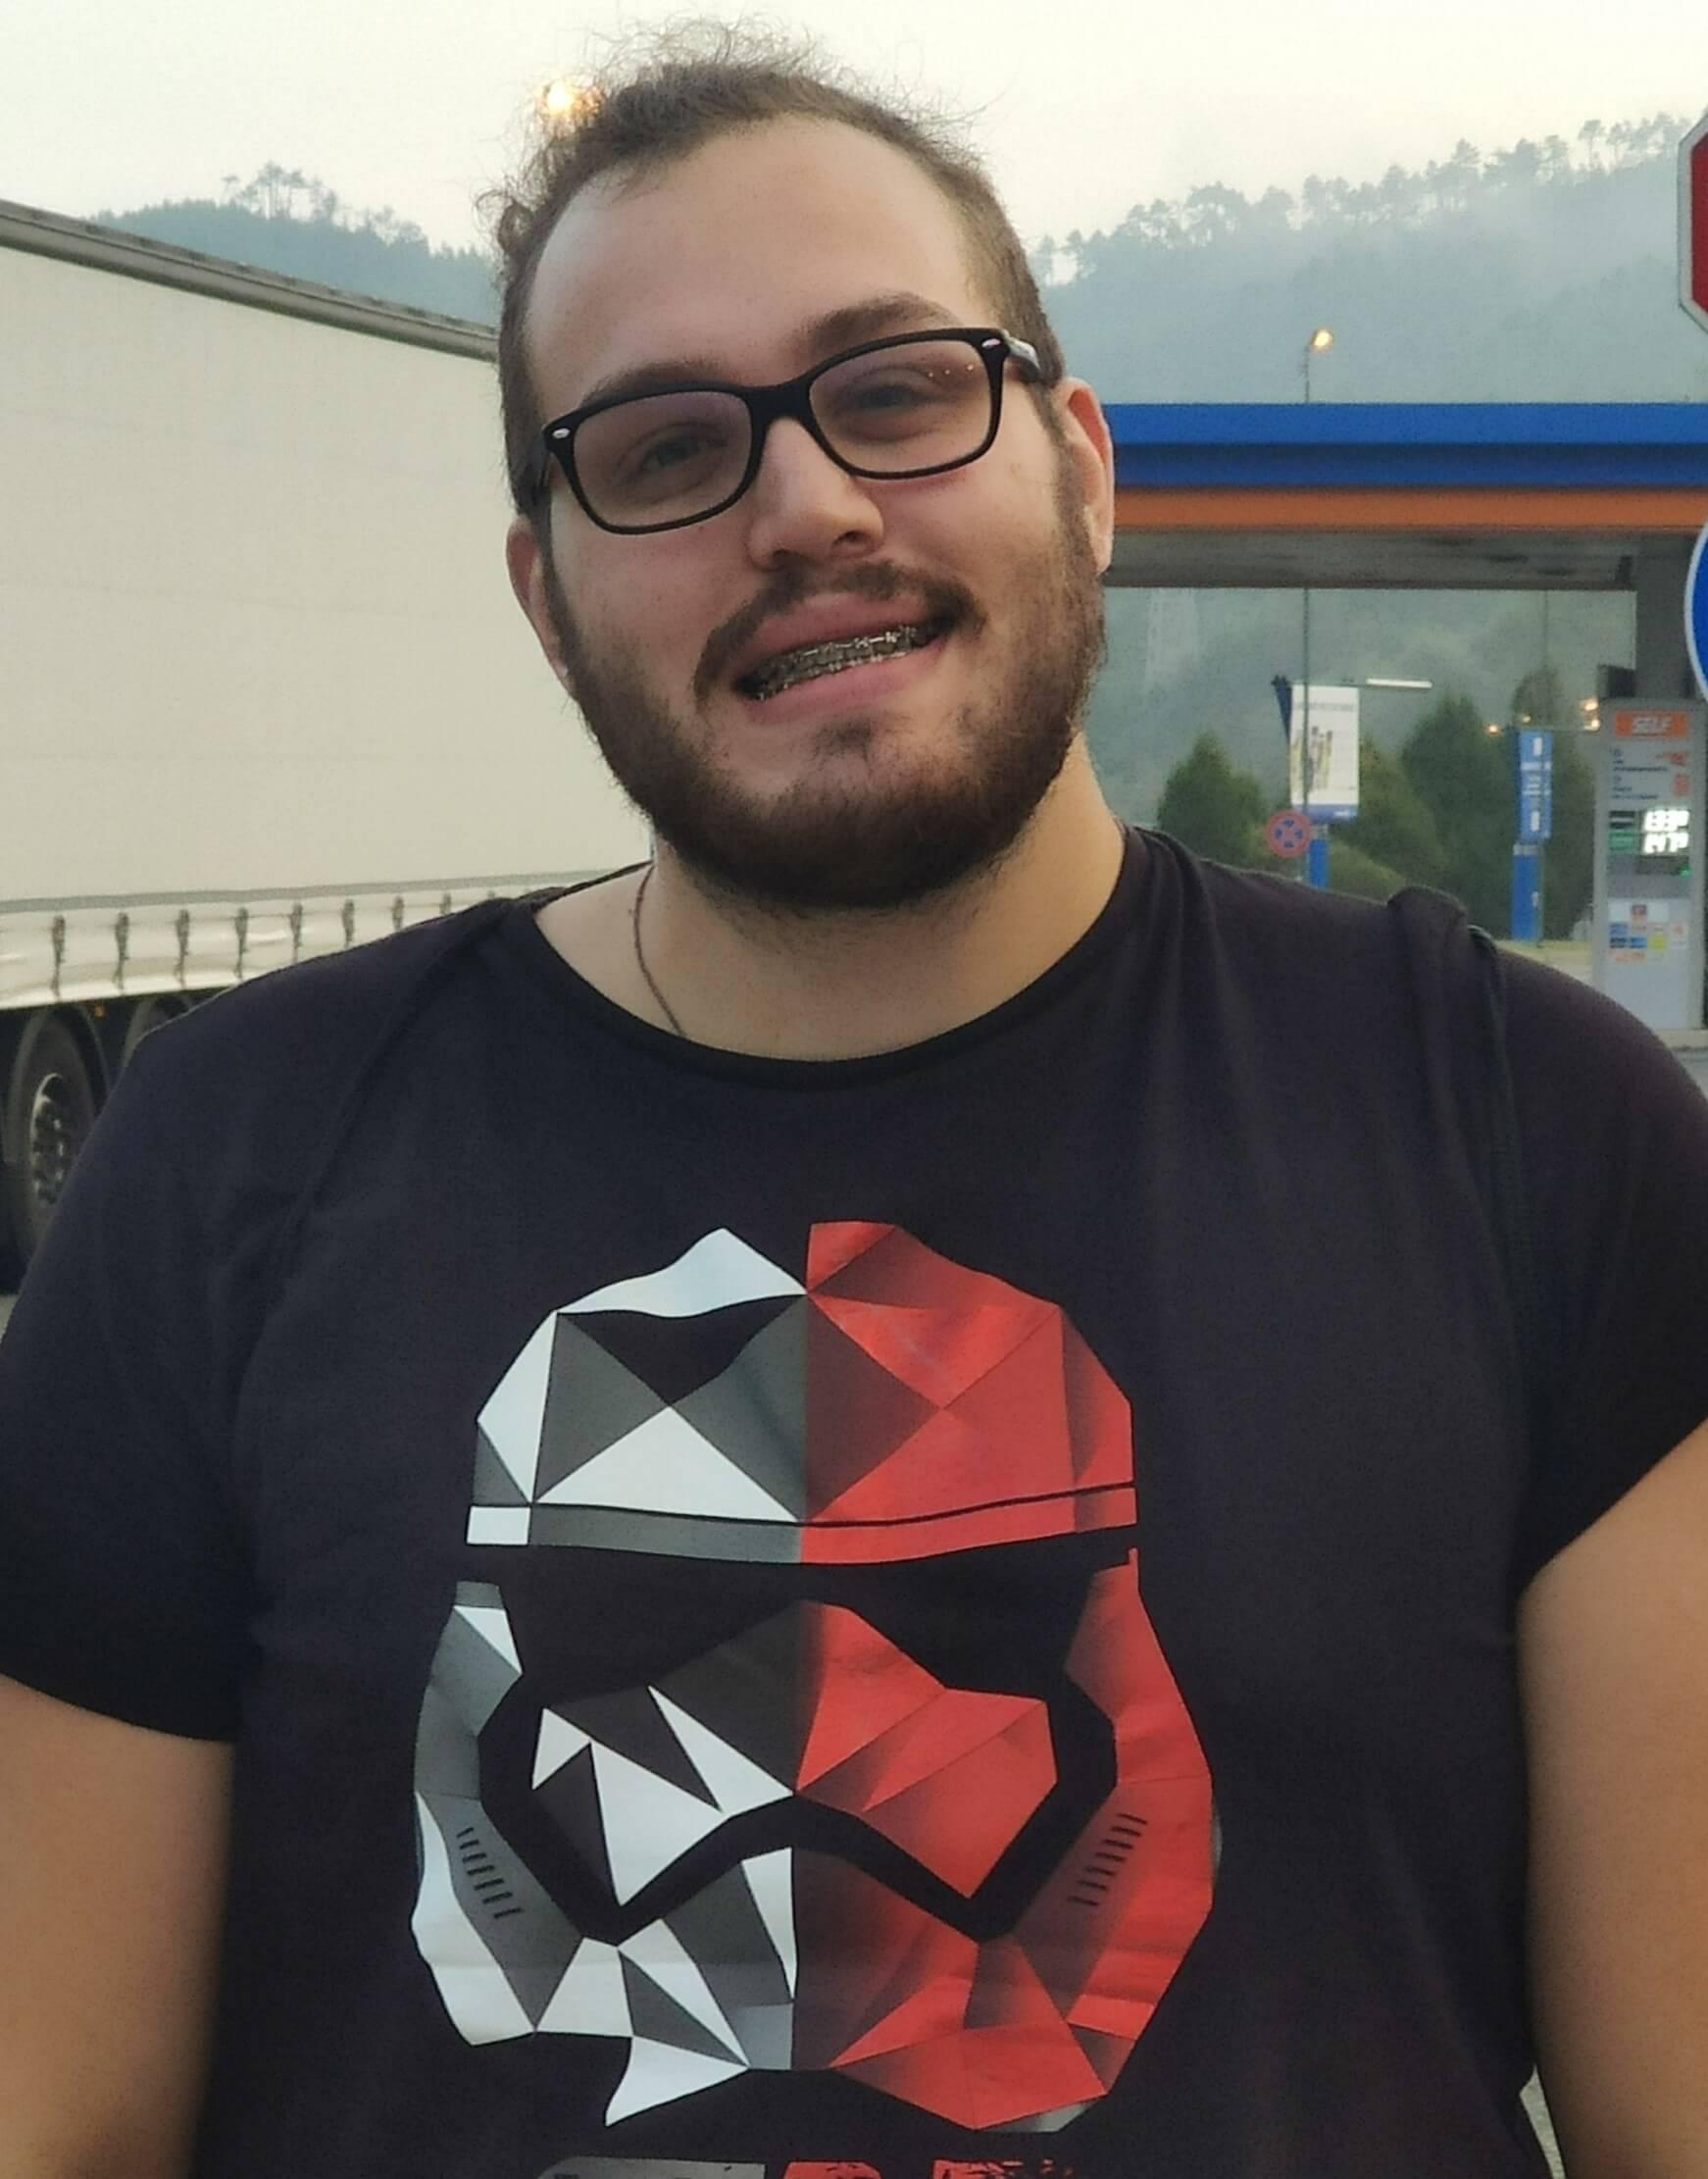 Giulio Modena